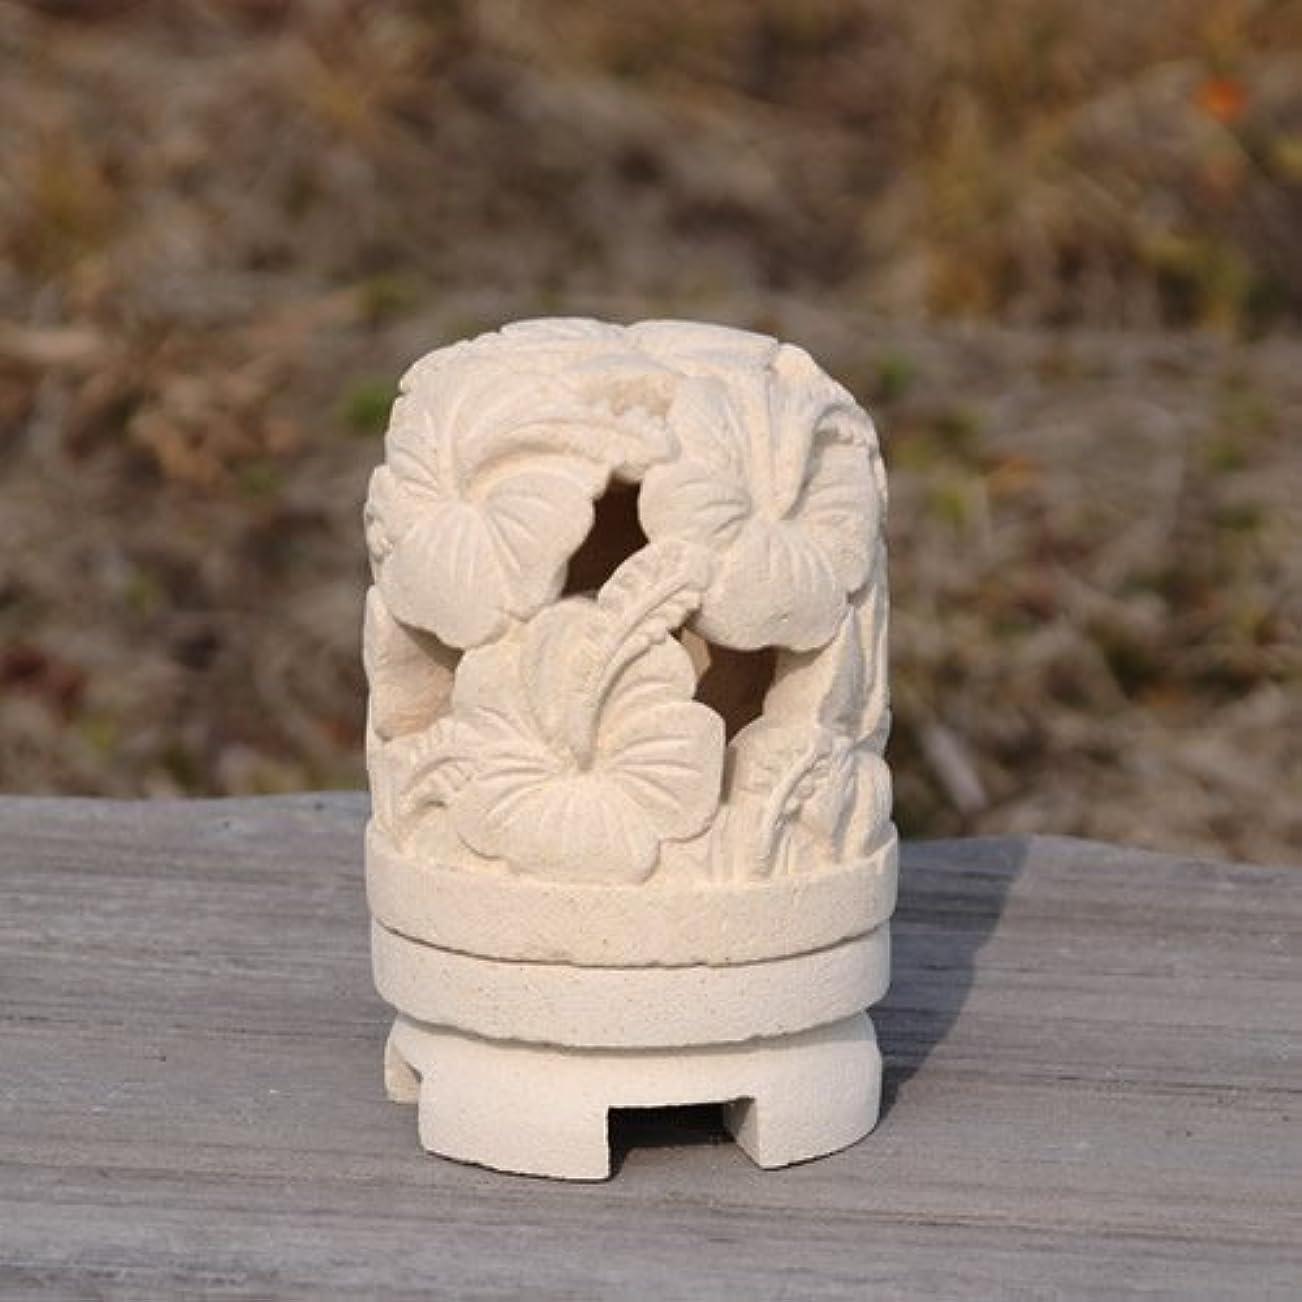 パーツ徒歩で下線ライムストーンで出来たハンドメイドの丸いキャンドルホルダー (タイプB(ハイビスカス))